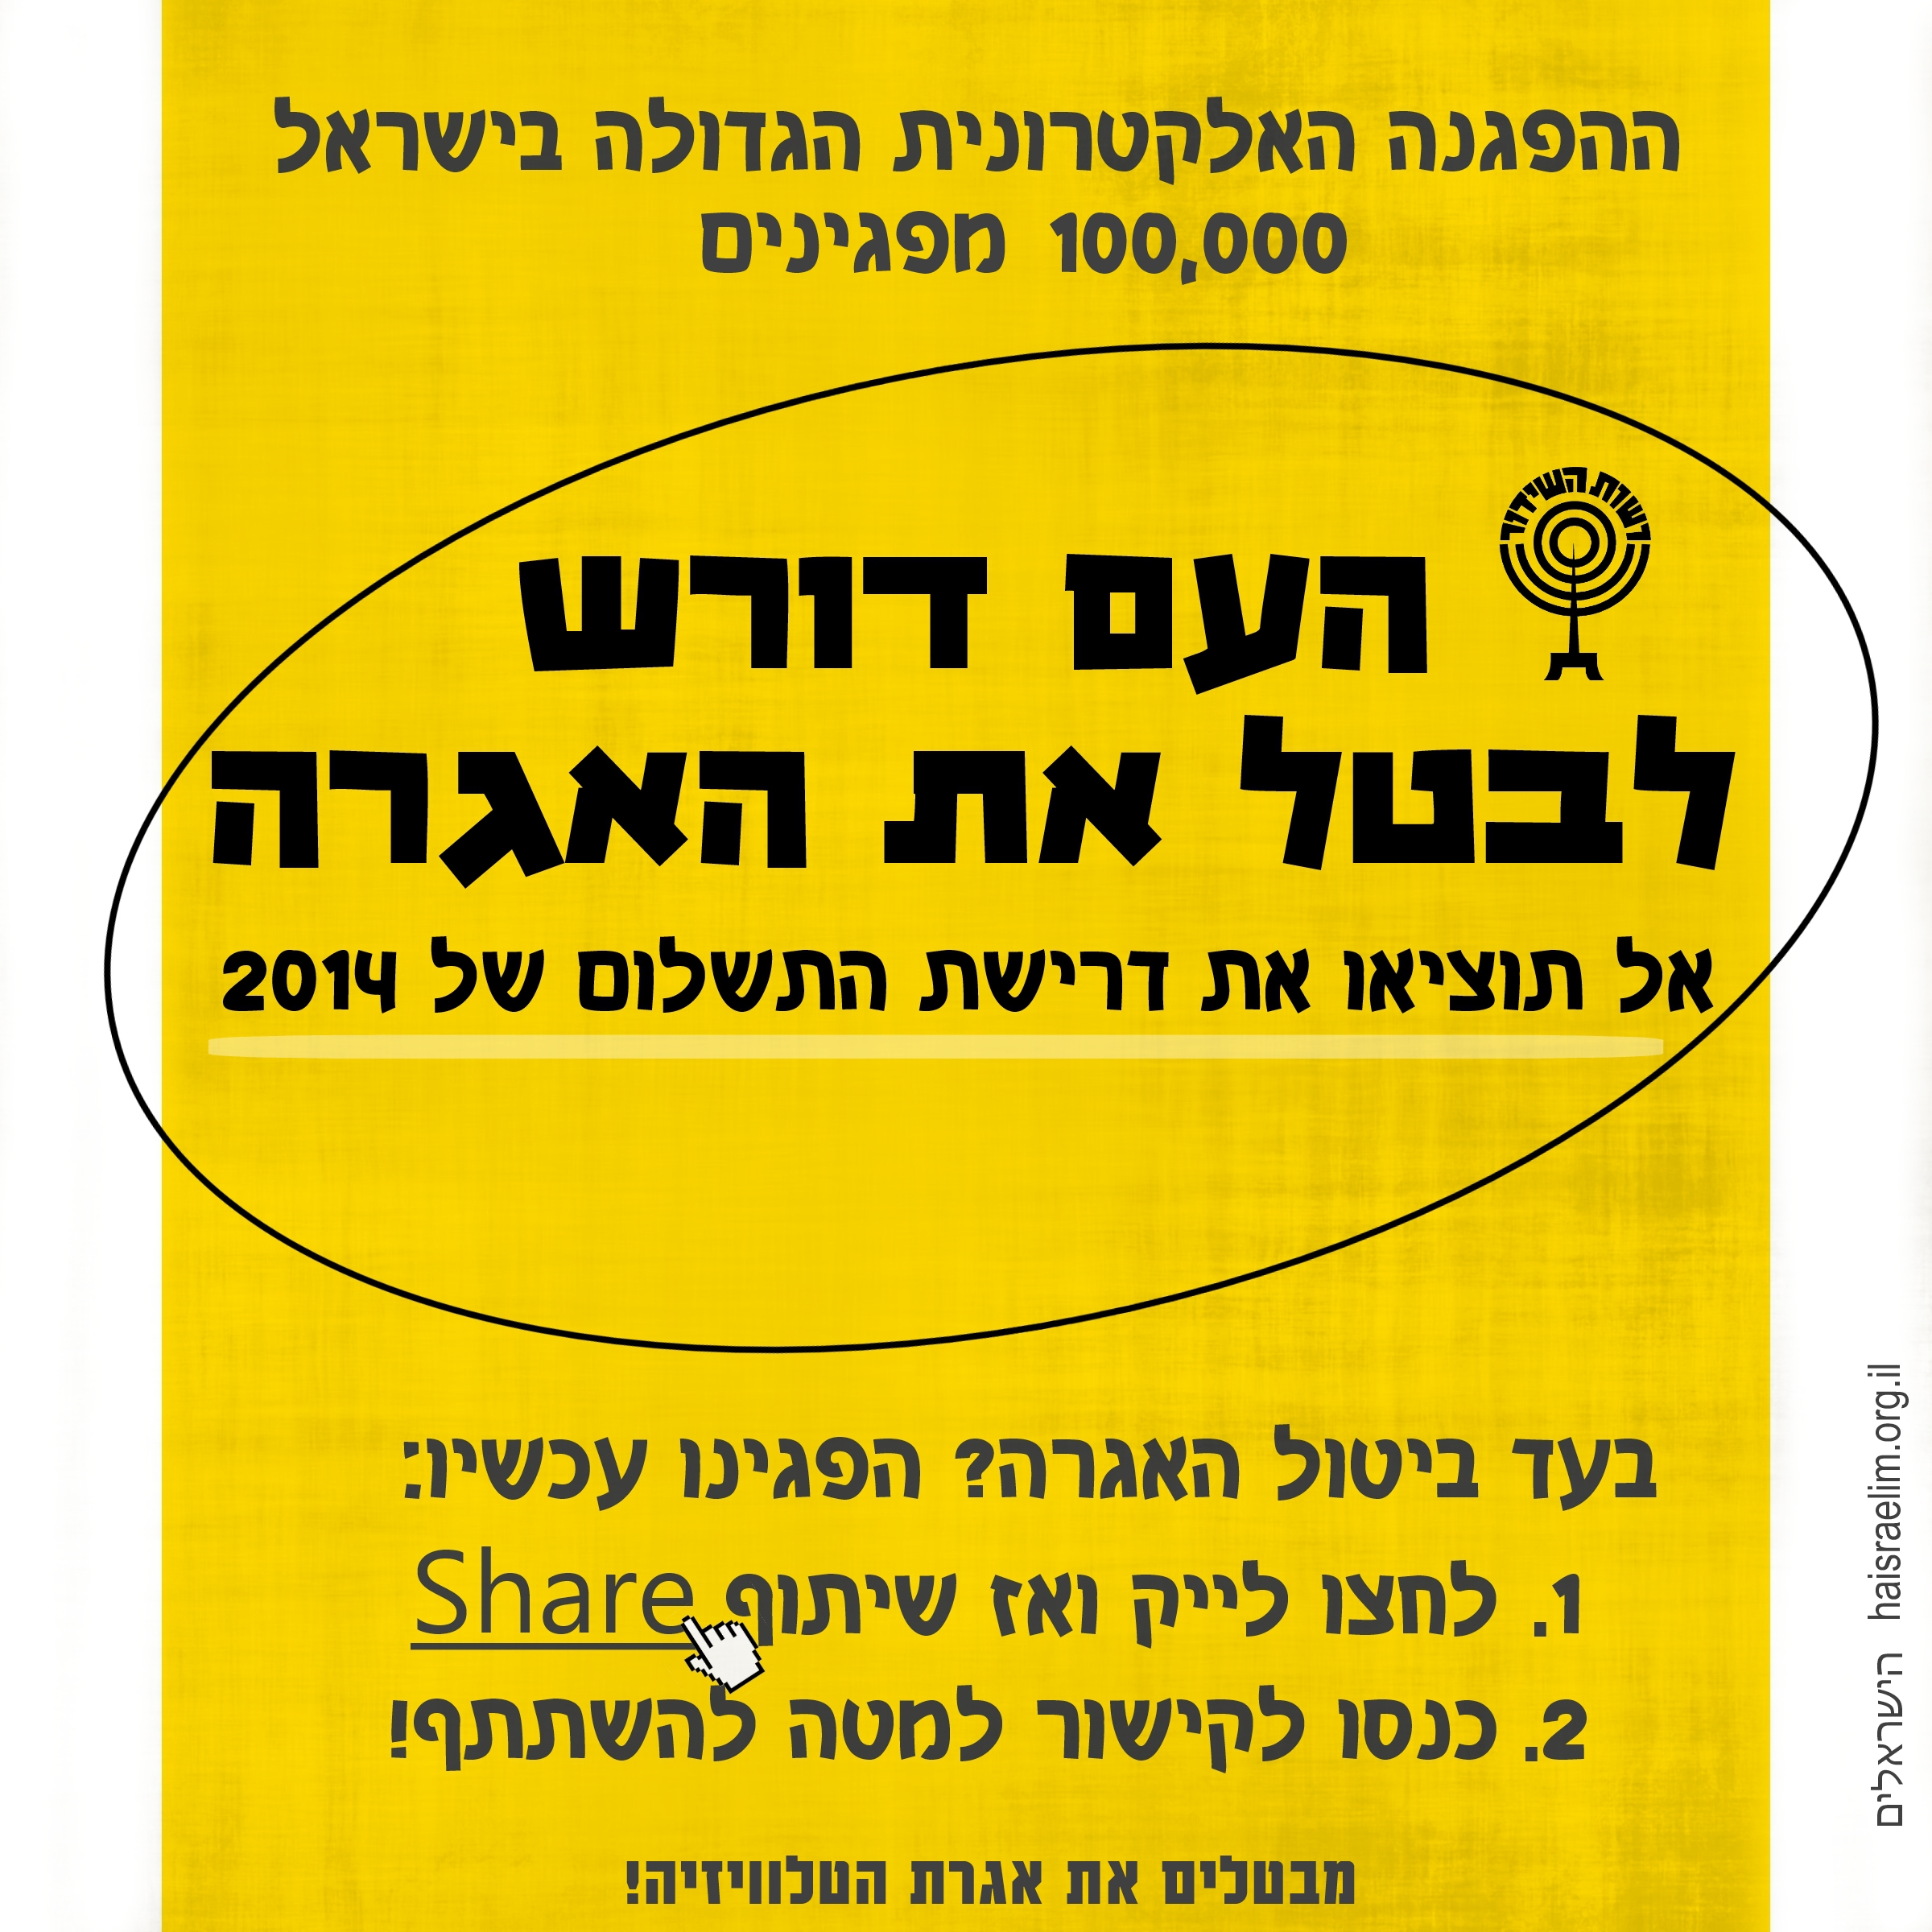 העם דורש לבטל את האגרה: אל תוציאו את דרישת התשלום של 2014